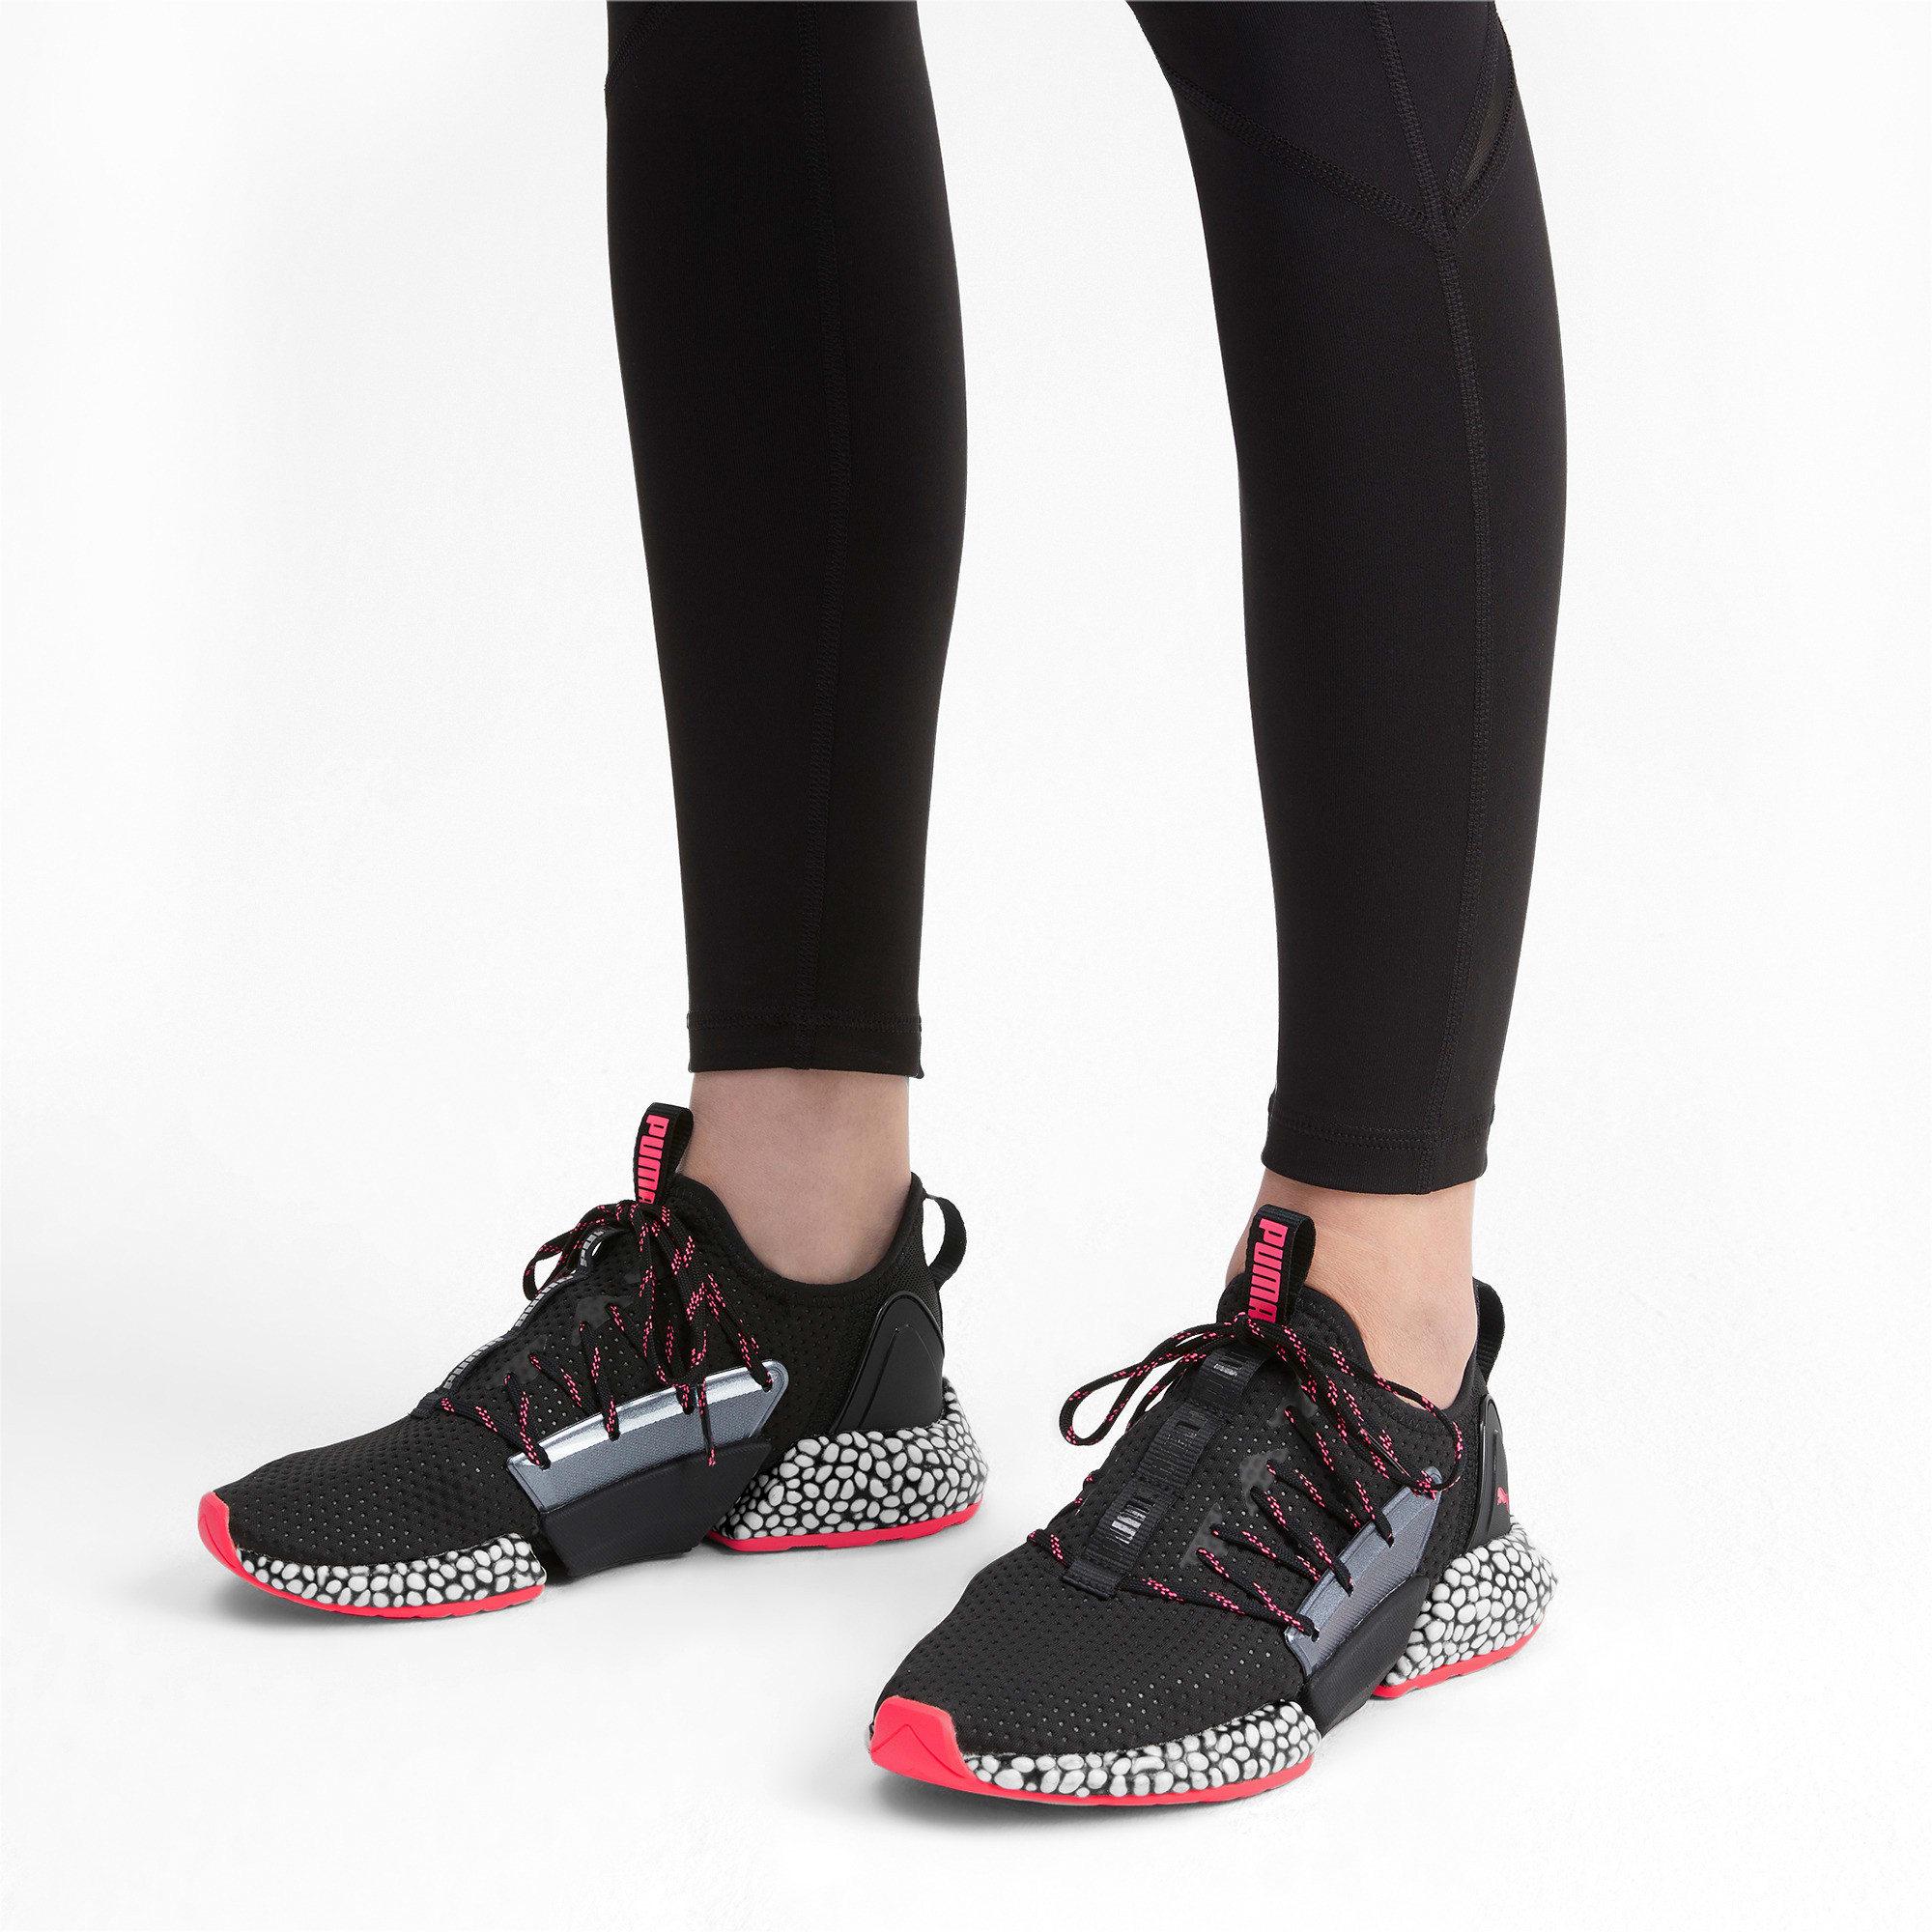 Thumbnail 2 of HYBRID Rocket Aero sneakers voor dames, Puma Black-Pink Alert, medium